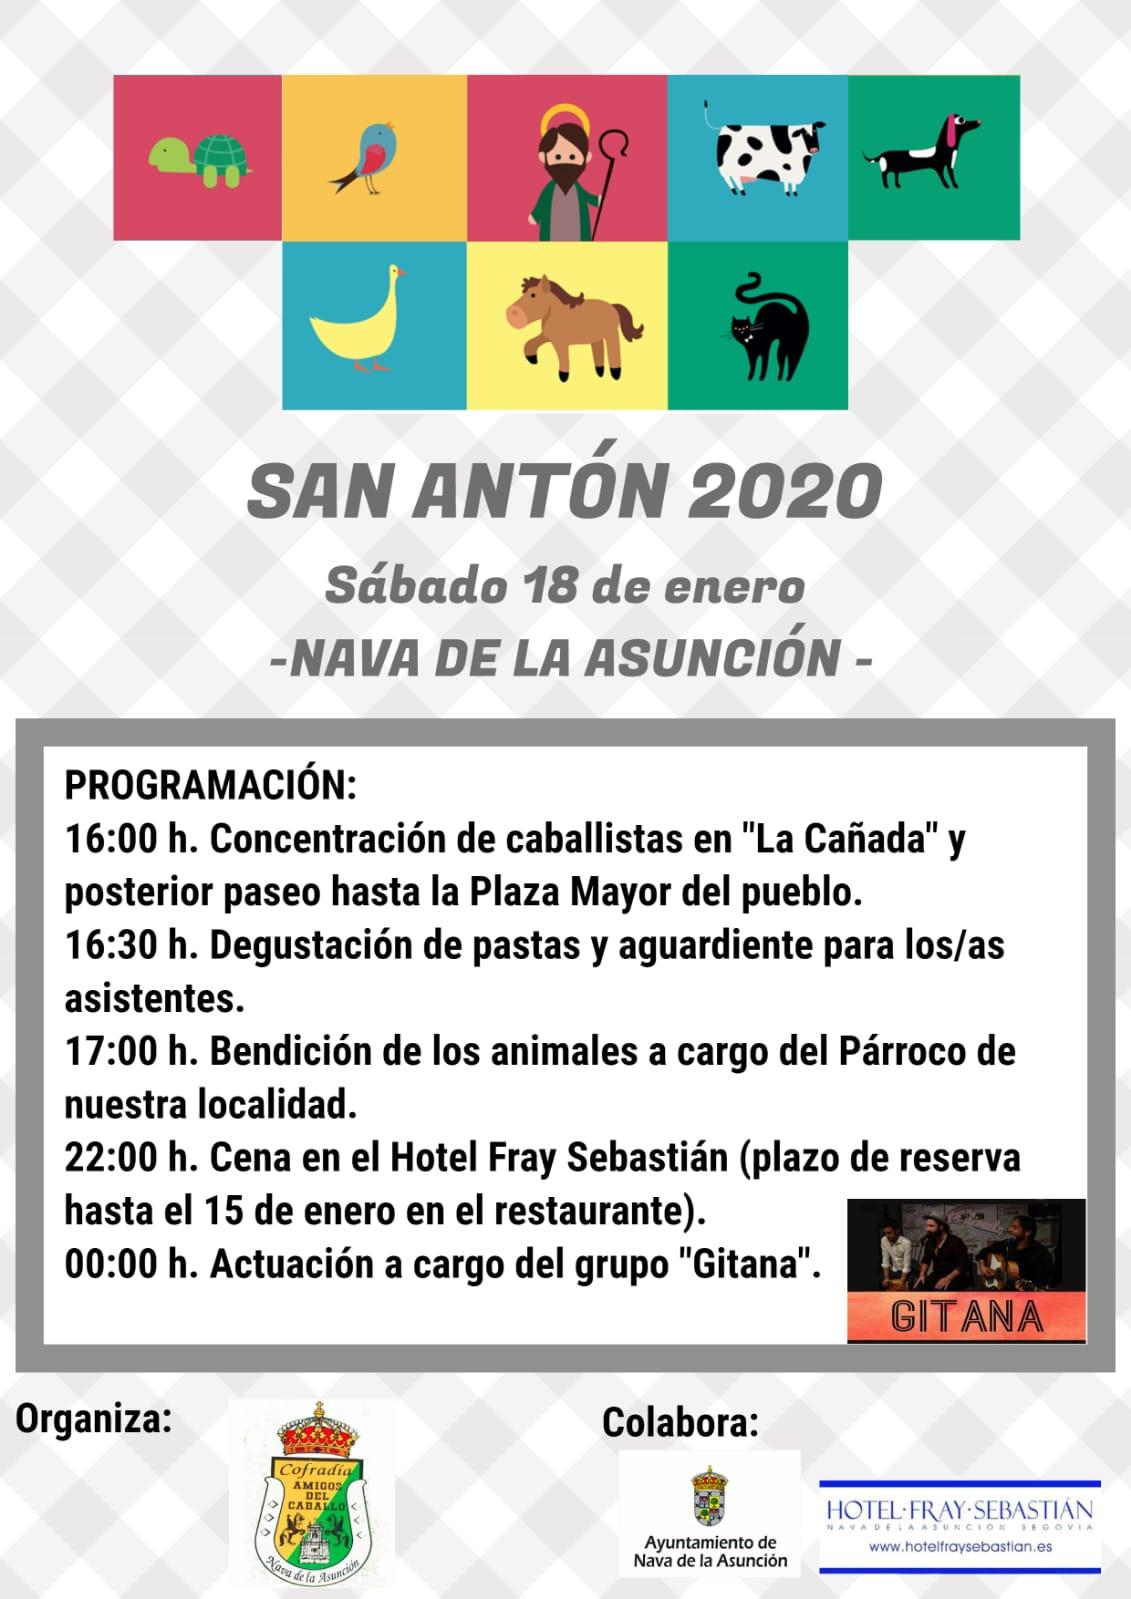 San Antón 2020 in Nava de la Asunción